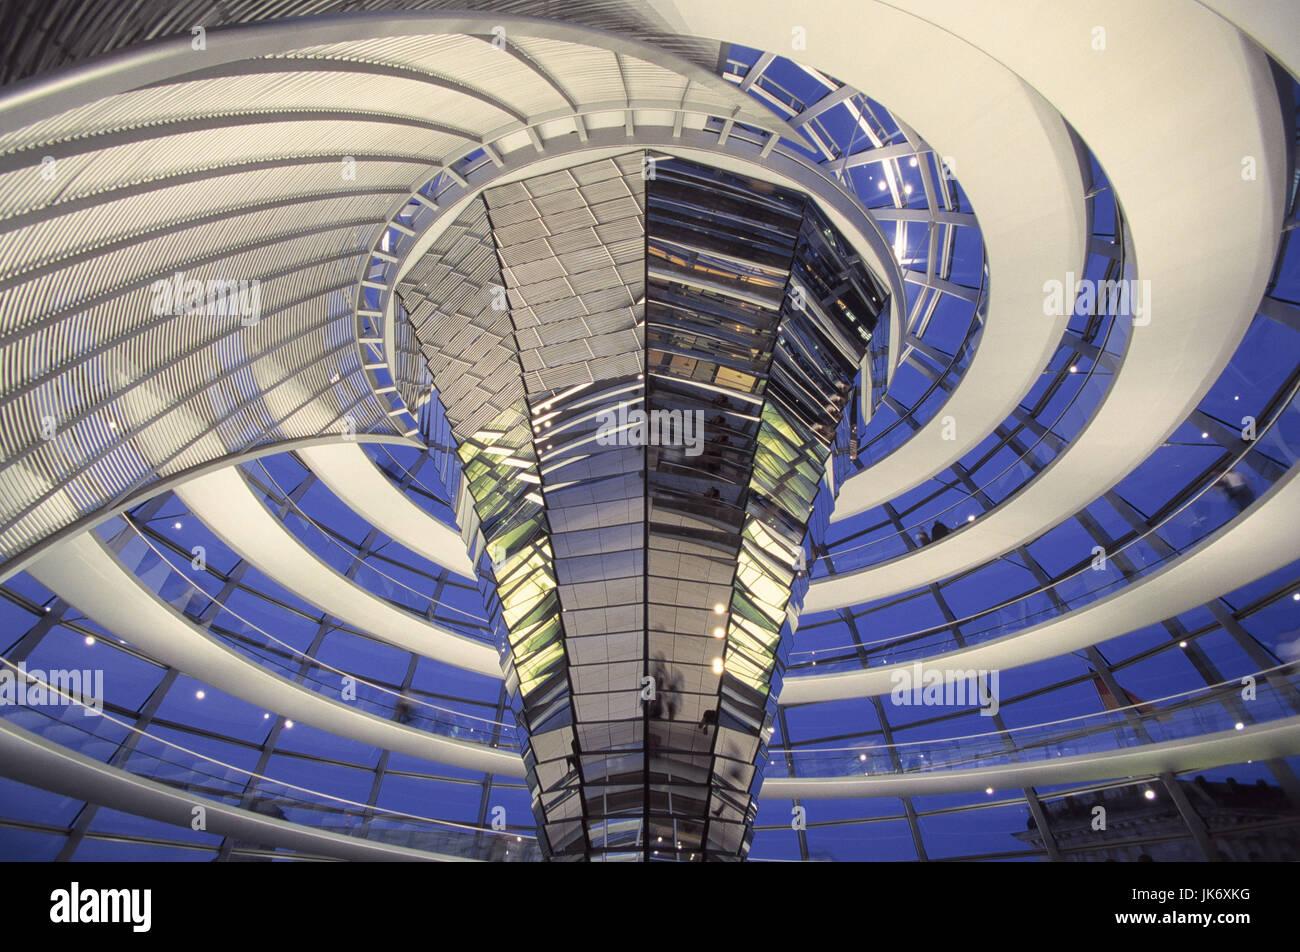 Deutschland, Berlino, Reichstag, Glaskuppel, Wendelgang, Besucher, dettaglio nur redaktionell Europa, Stadt, Hauptstadt, Immagini Stock